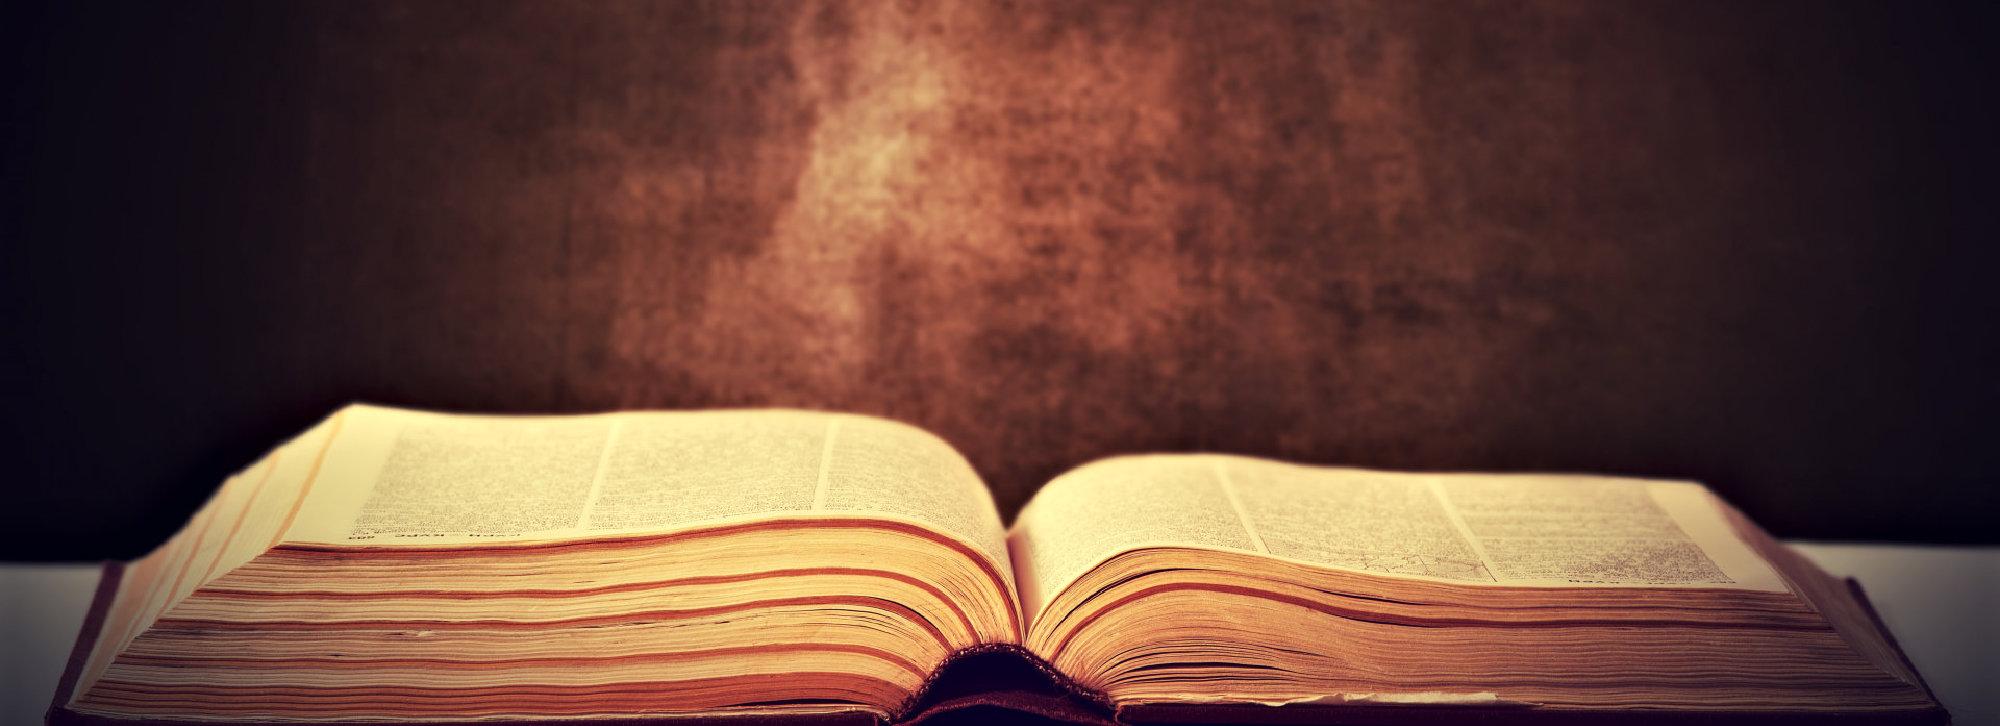 a sacred bible